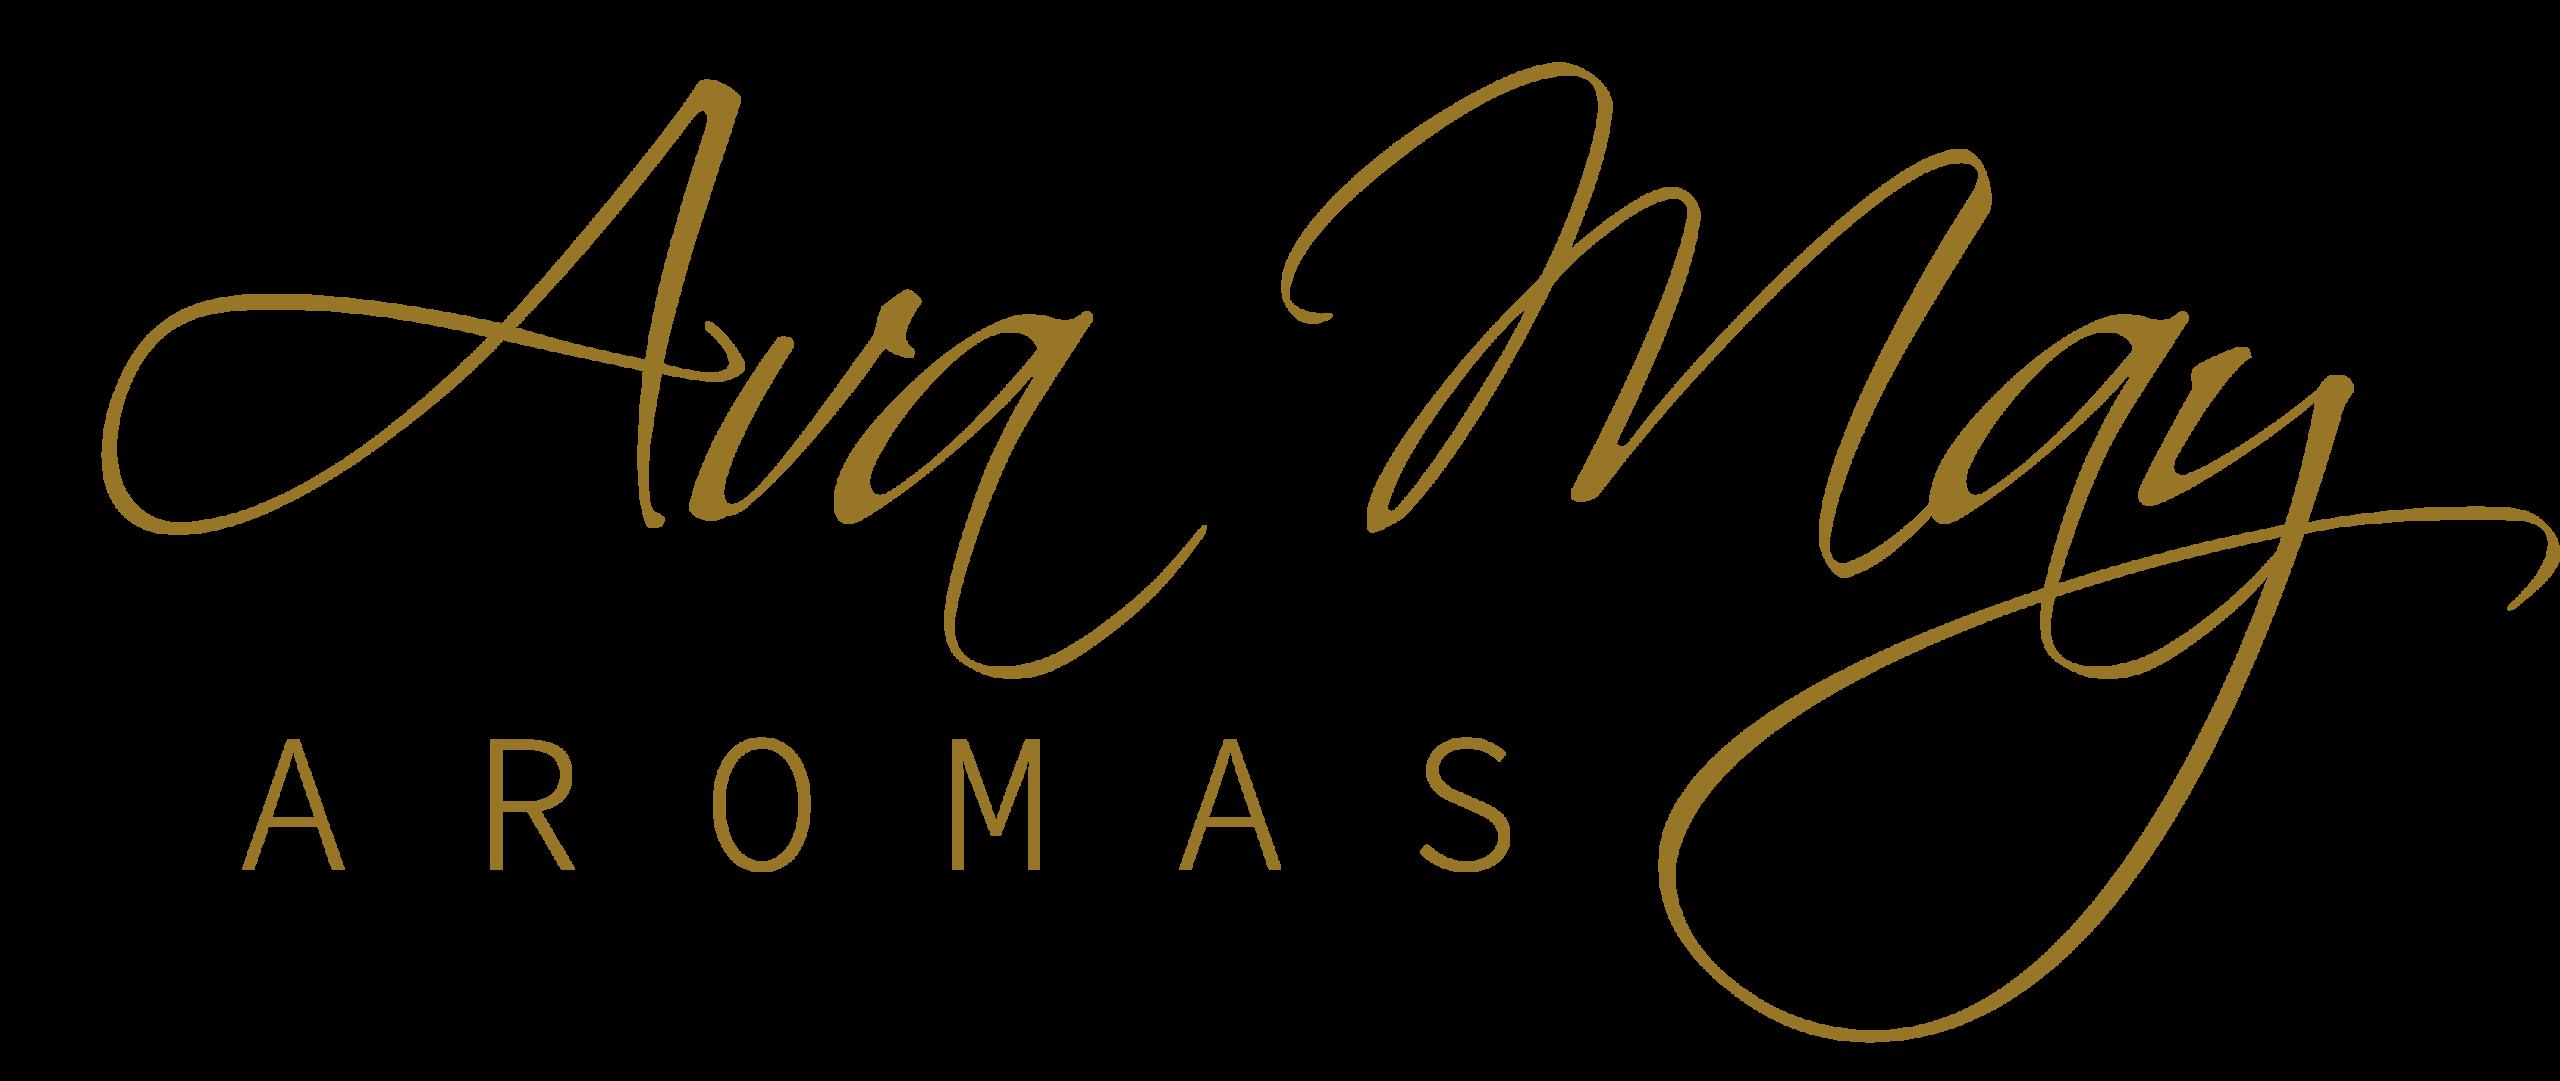 Ava May Aromas